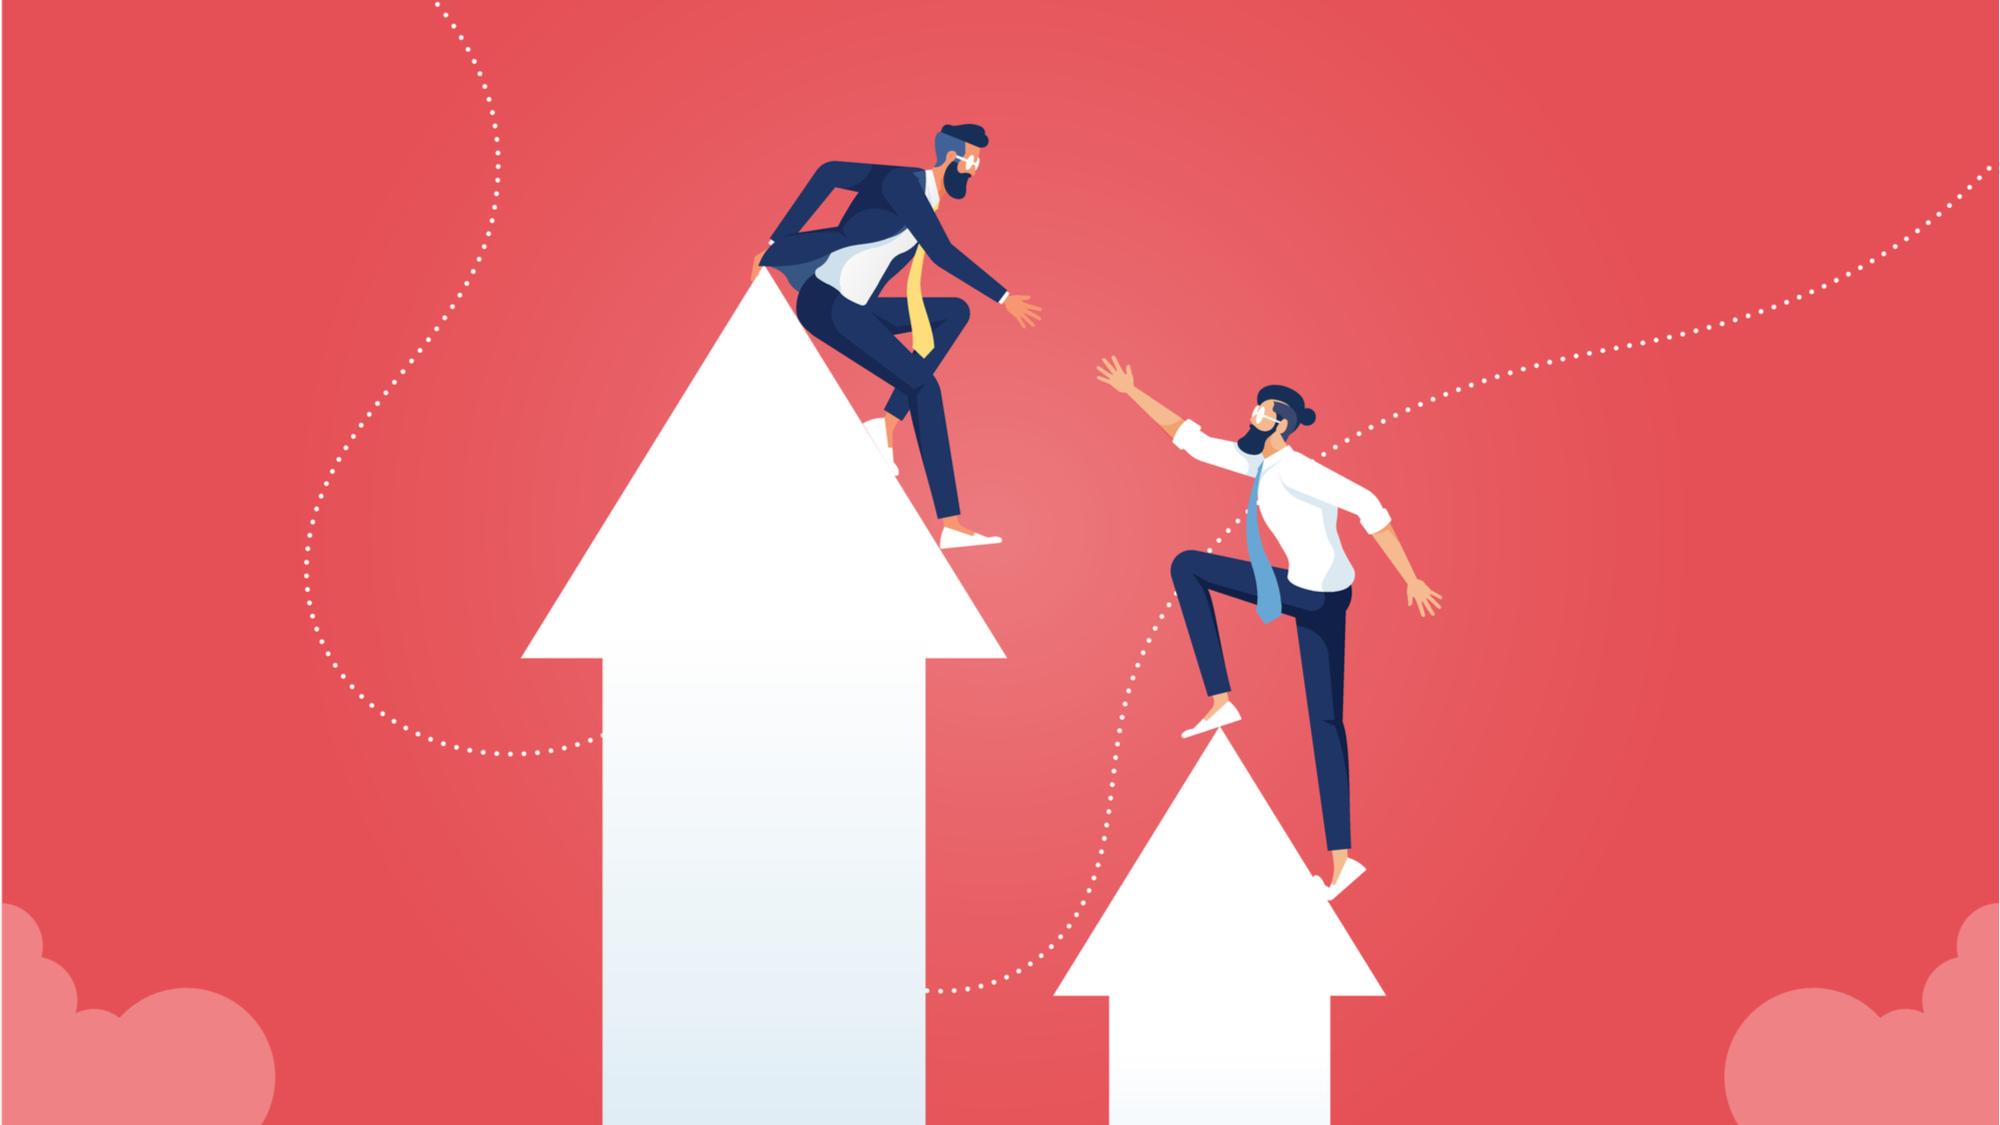 YESと答えられますか? 「仕事ができるリーダー」としての資質を問う3つの質問